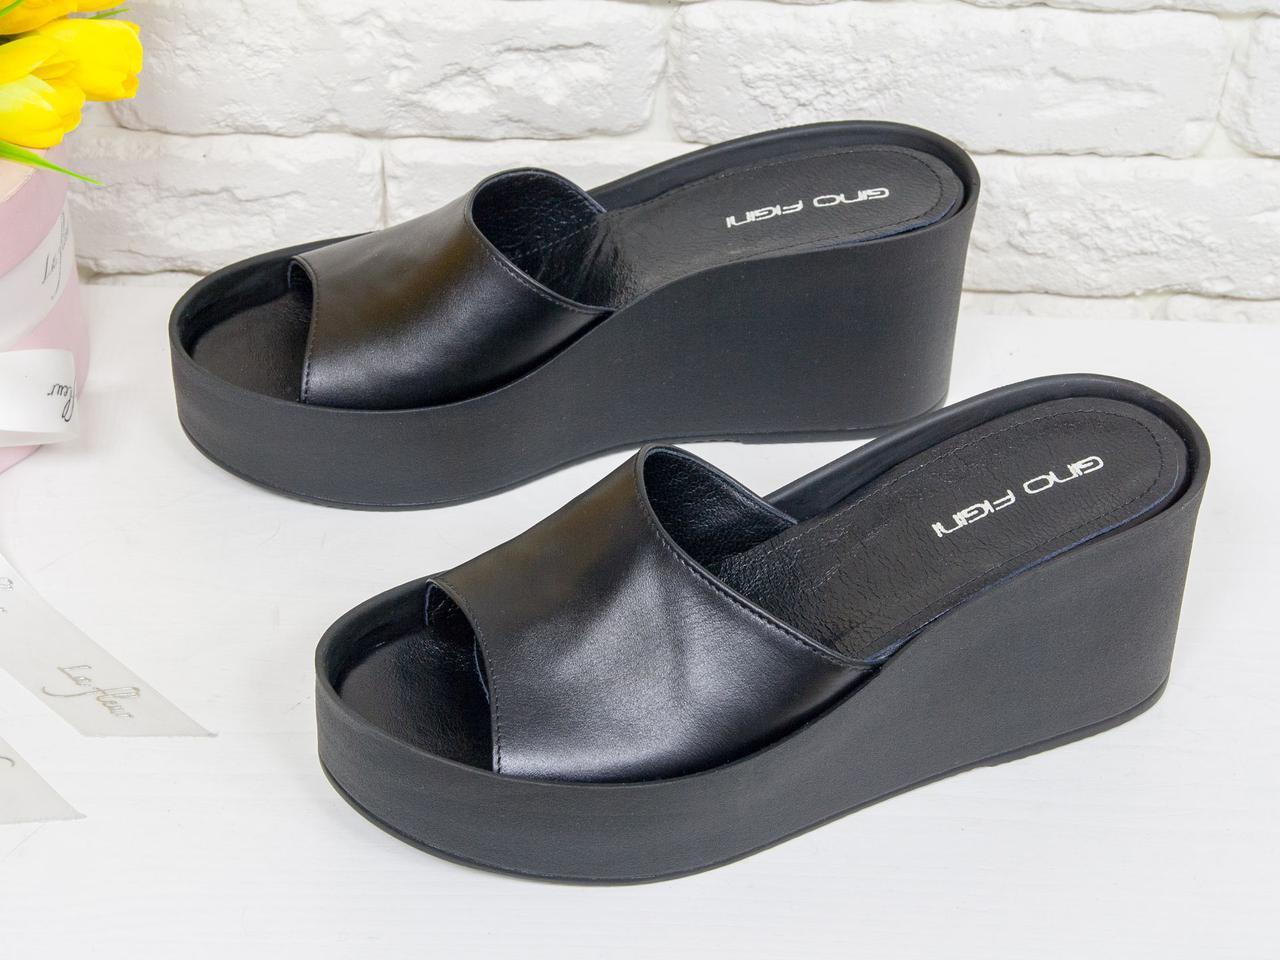 fdef933fa Летние шлепки-сабо на танкетке из натуральной кожи черного цвета -  Интернет-магазин одежды